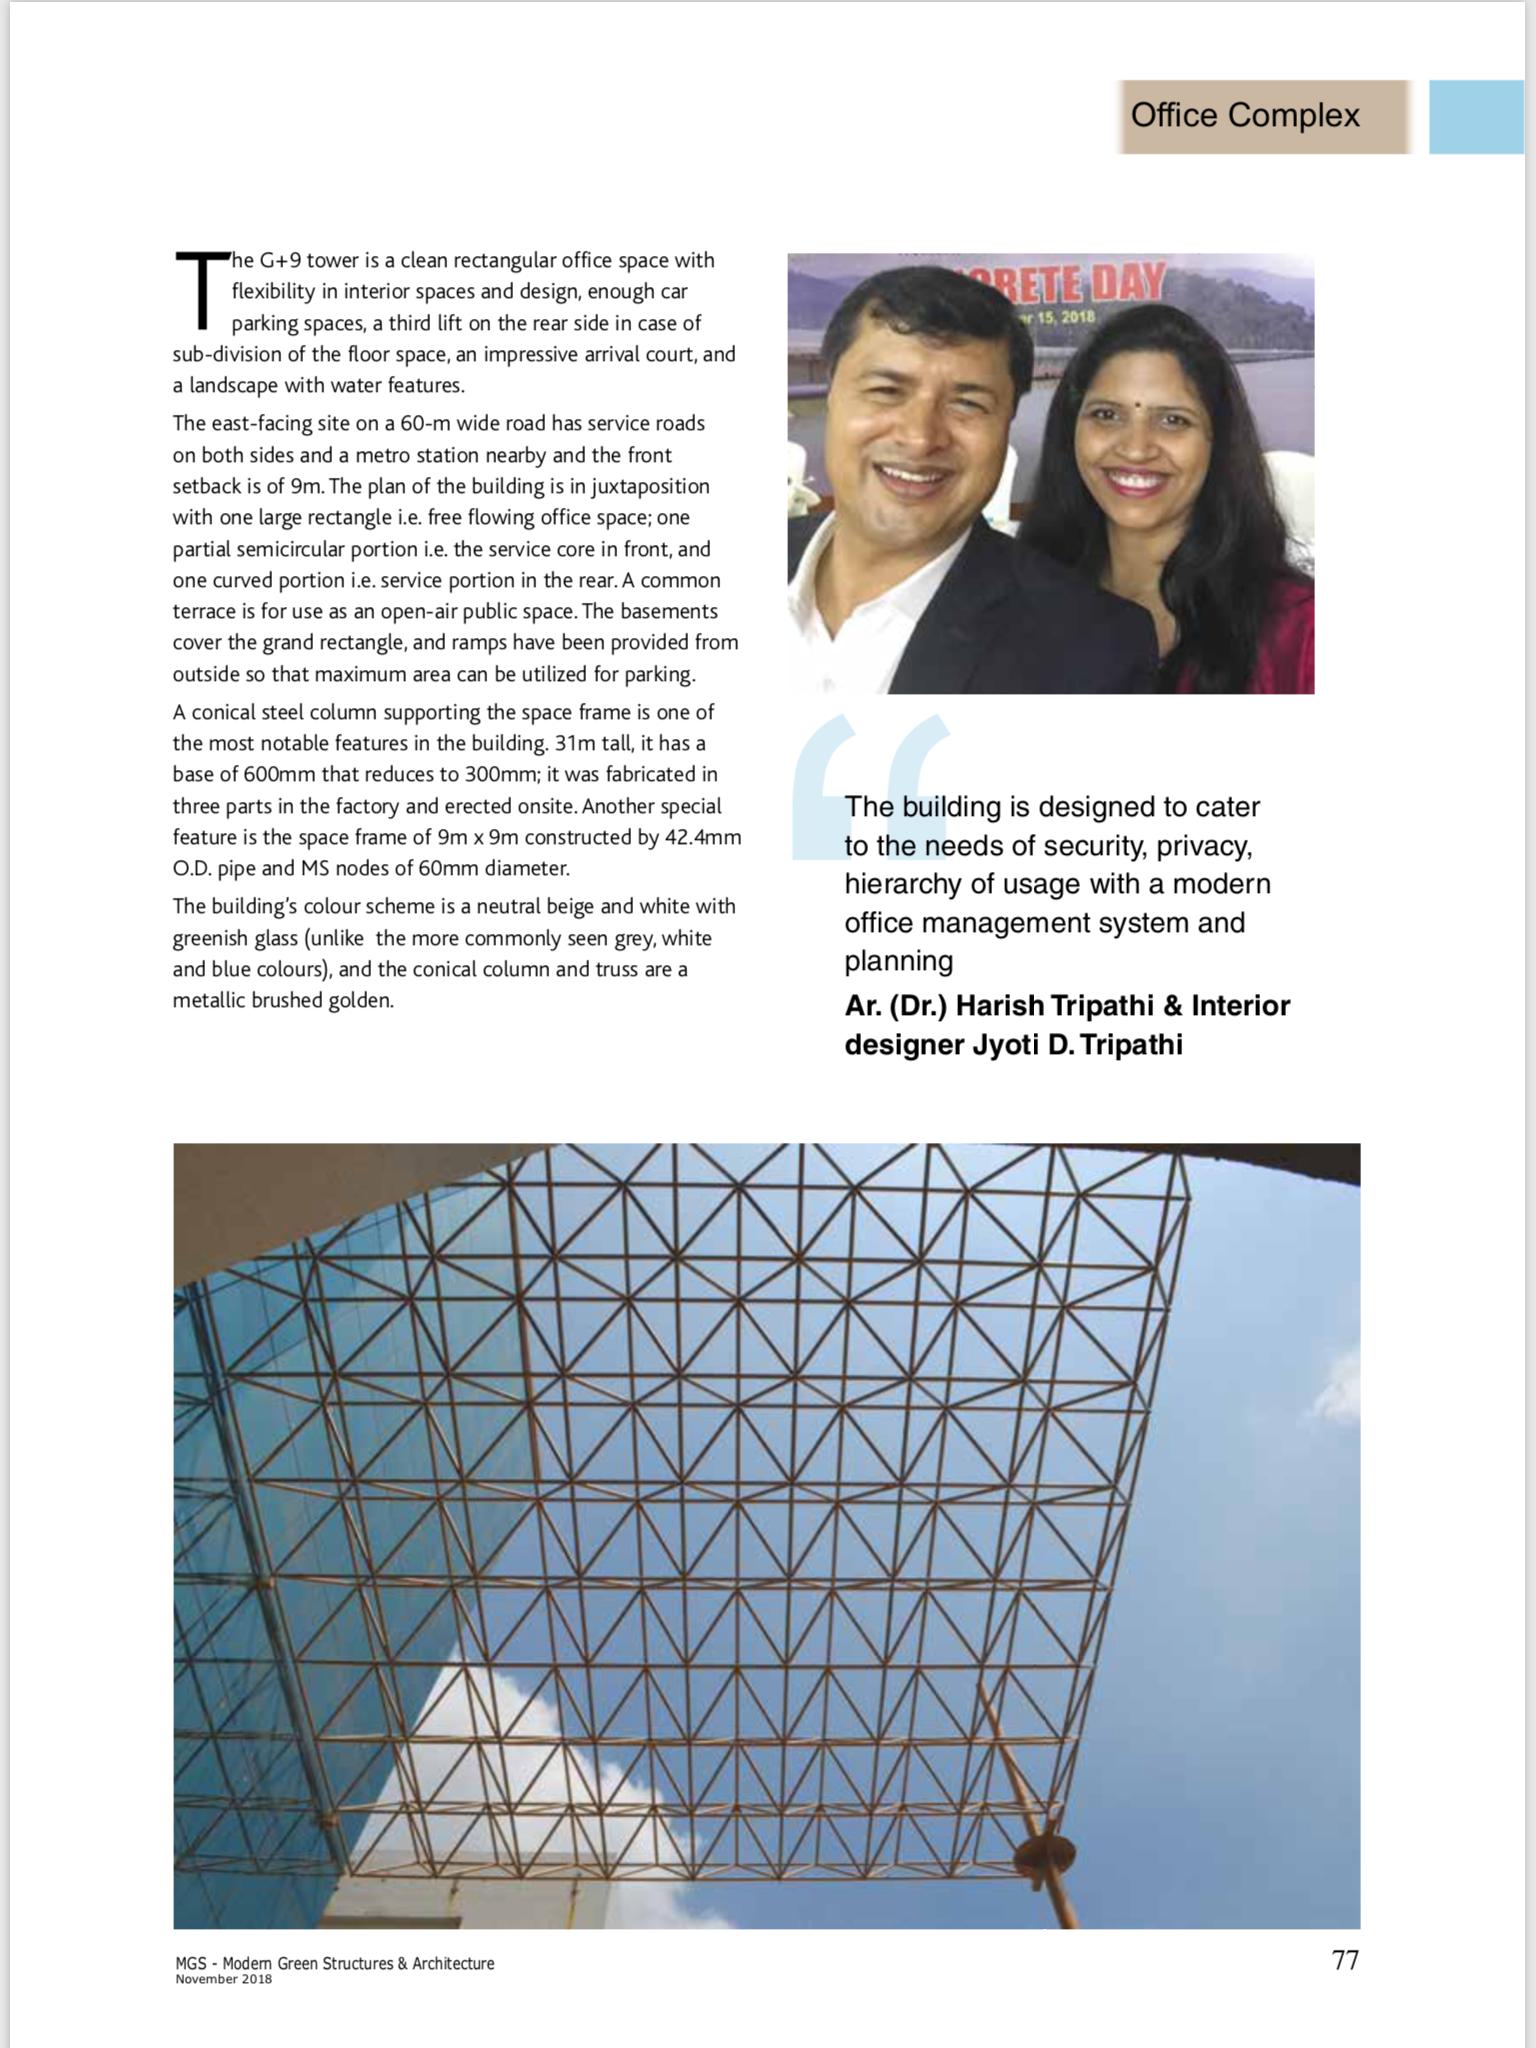 MGS Architecture Nov 2018